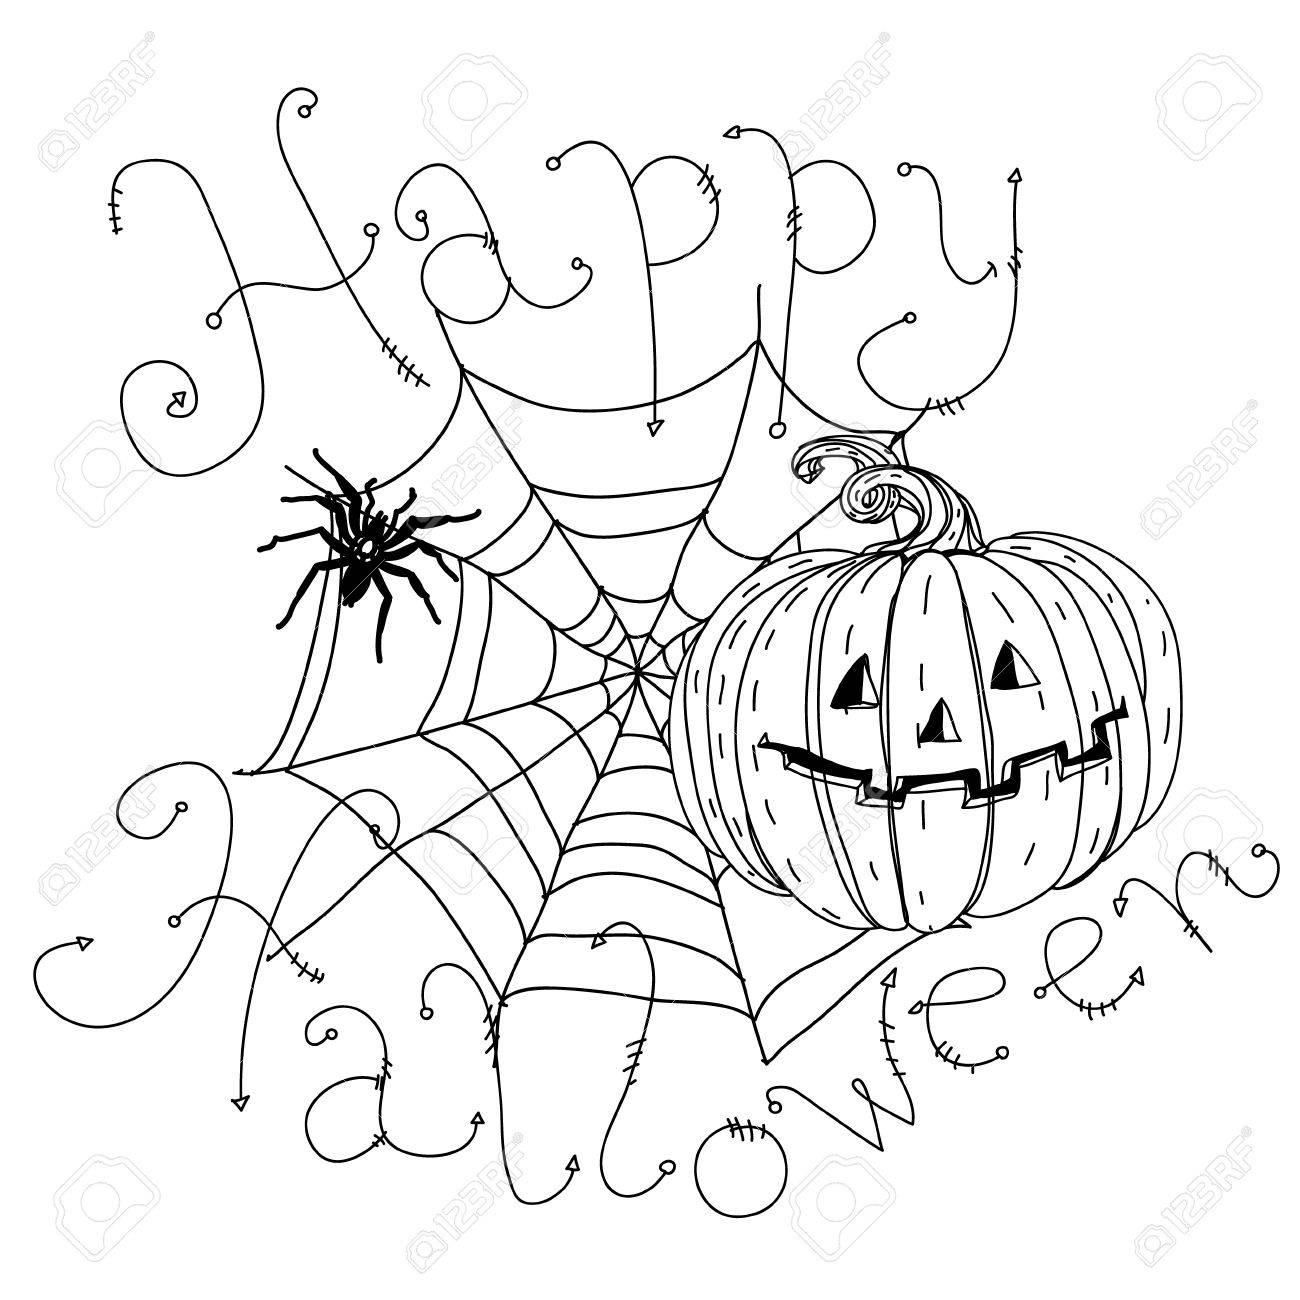 Bannière Noir Et Blanc Avec Des Toiles D Araignée Des Araignées Des Corbeaux Des Citrouilles Et Autres Décorations Sur Halloween Pourrait être